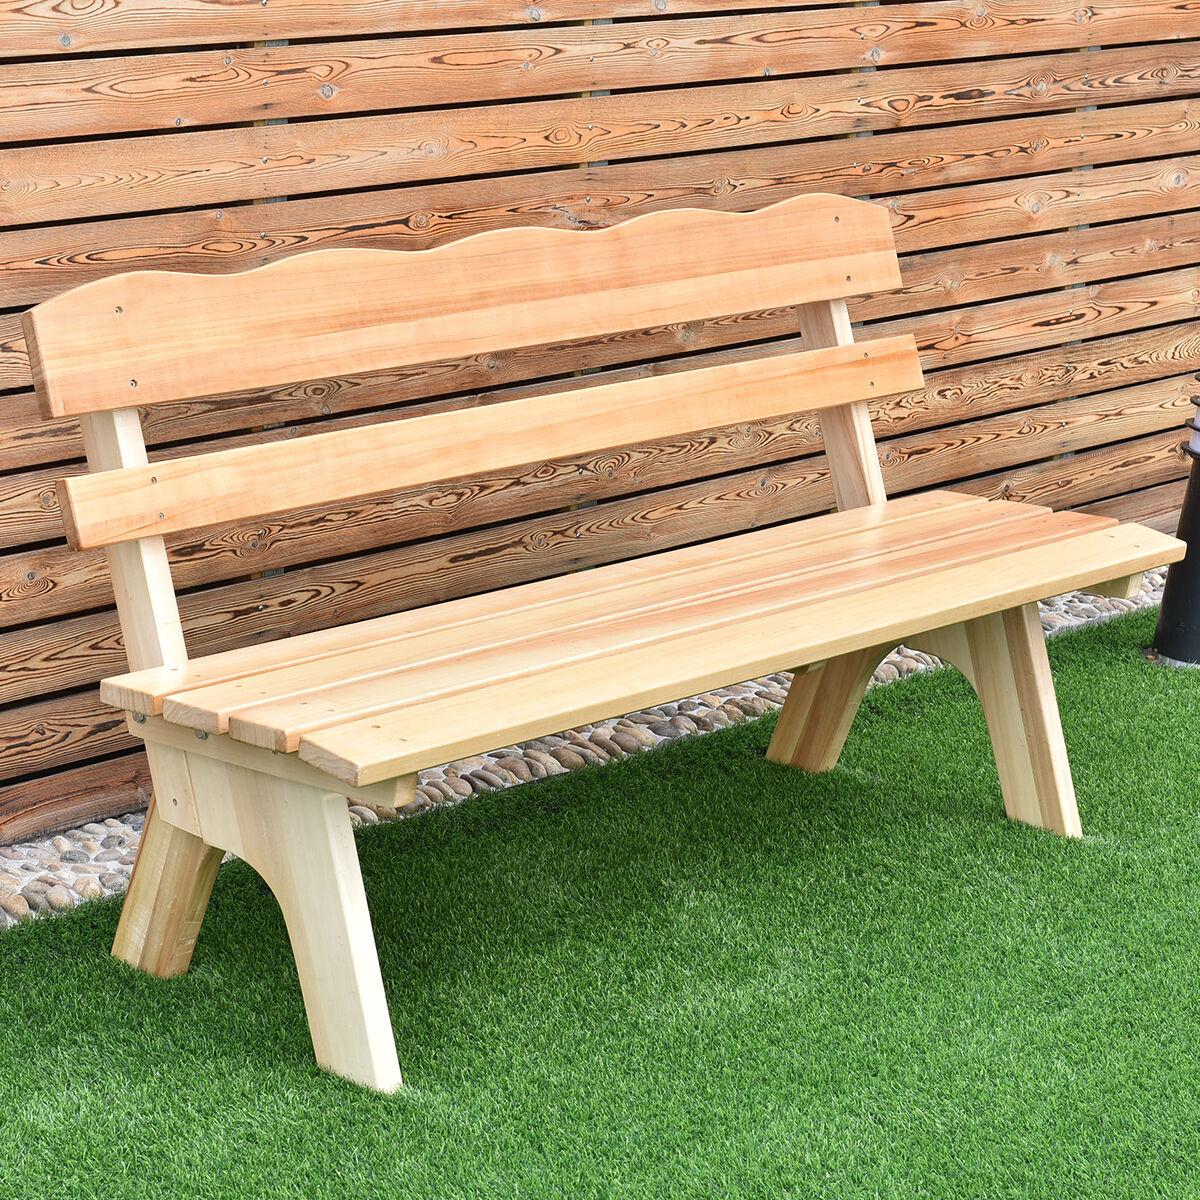 Goplus 5 Feet 3 Seat Outdoor Wooden Garden Bench - Neutral | eBay